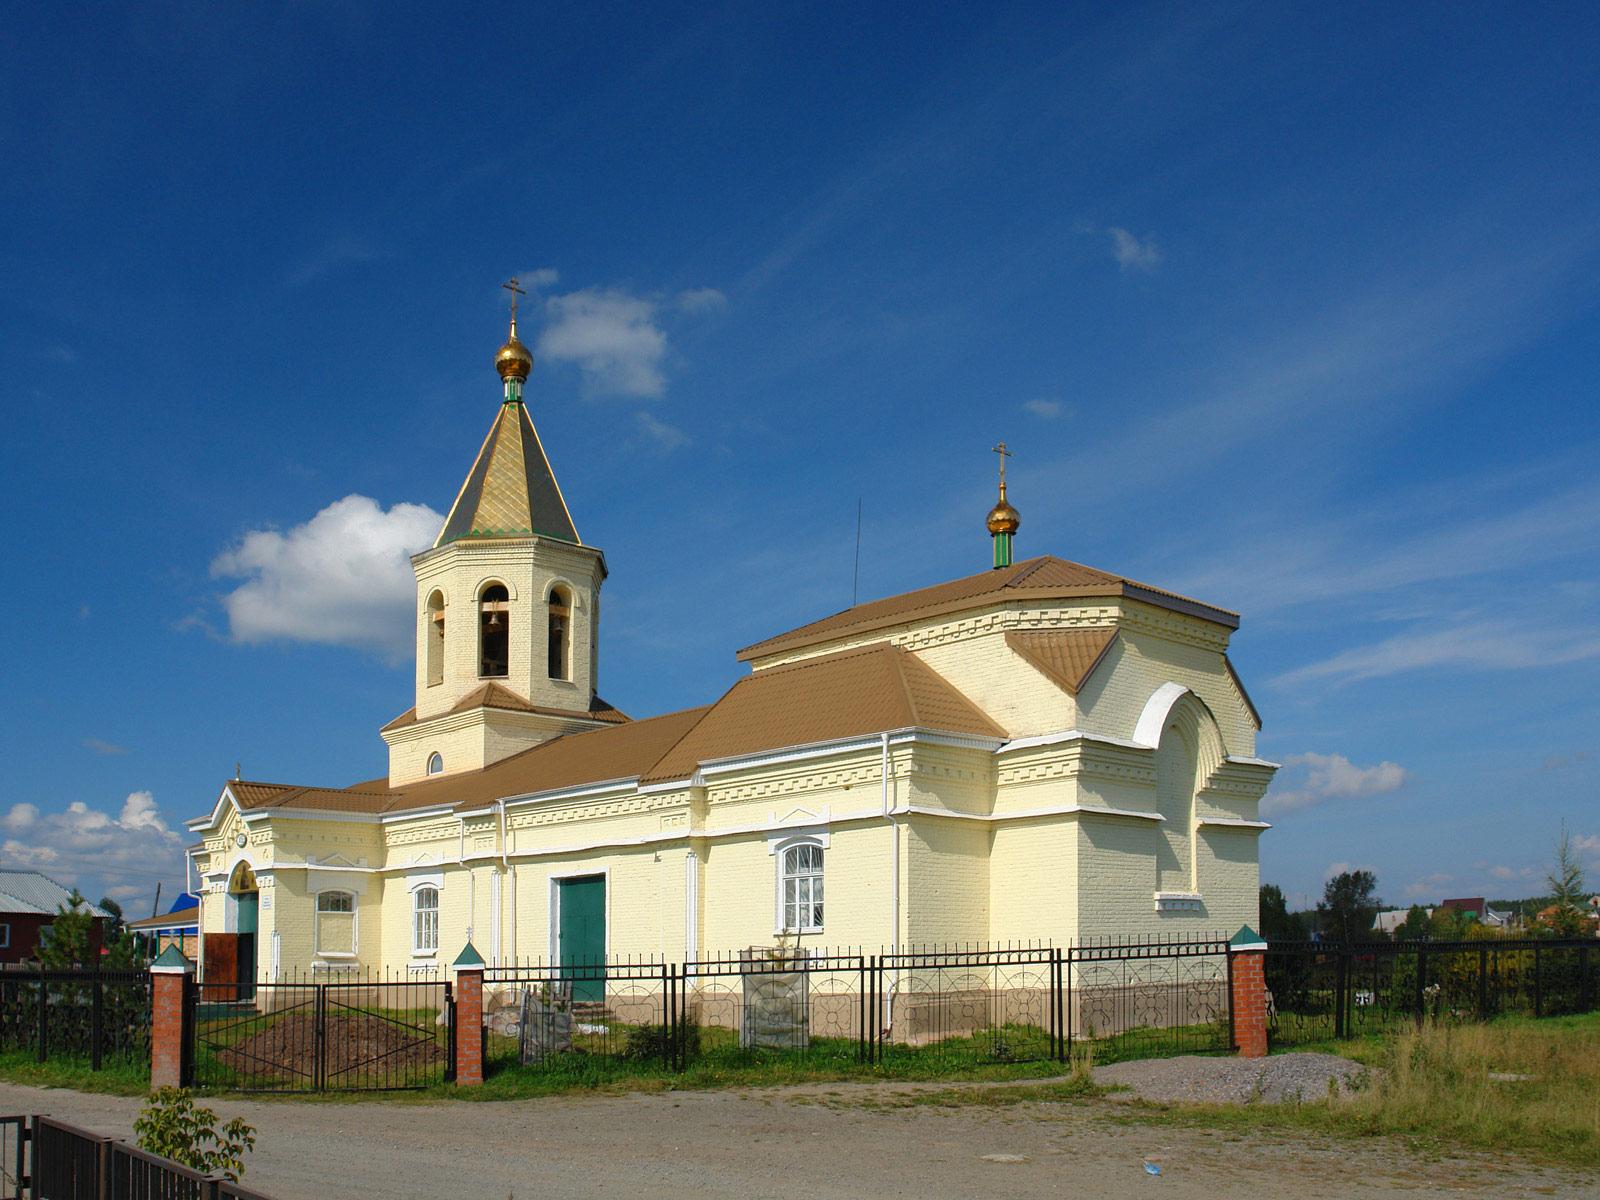 Нижний Тагил, поселок Горбуново: единоверческий храм Николая Чудотворца